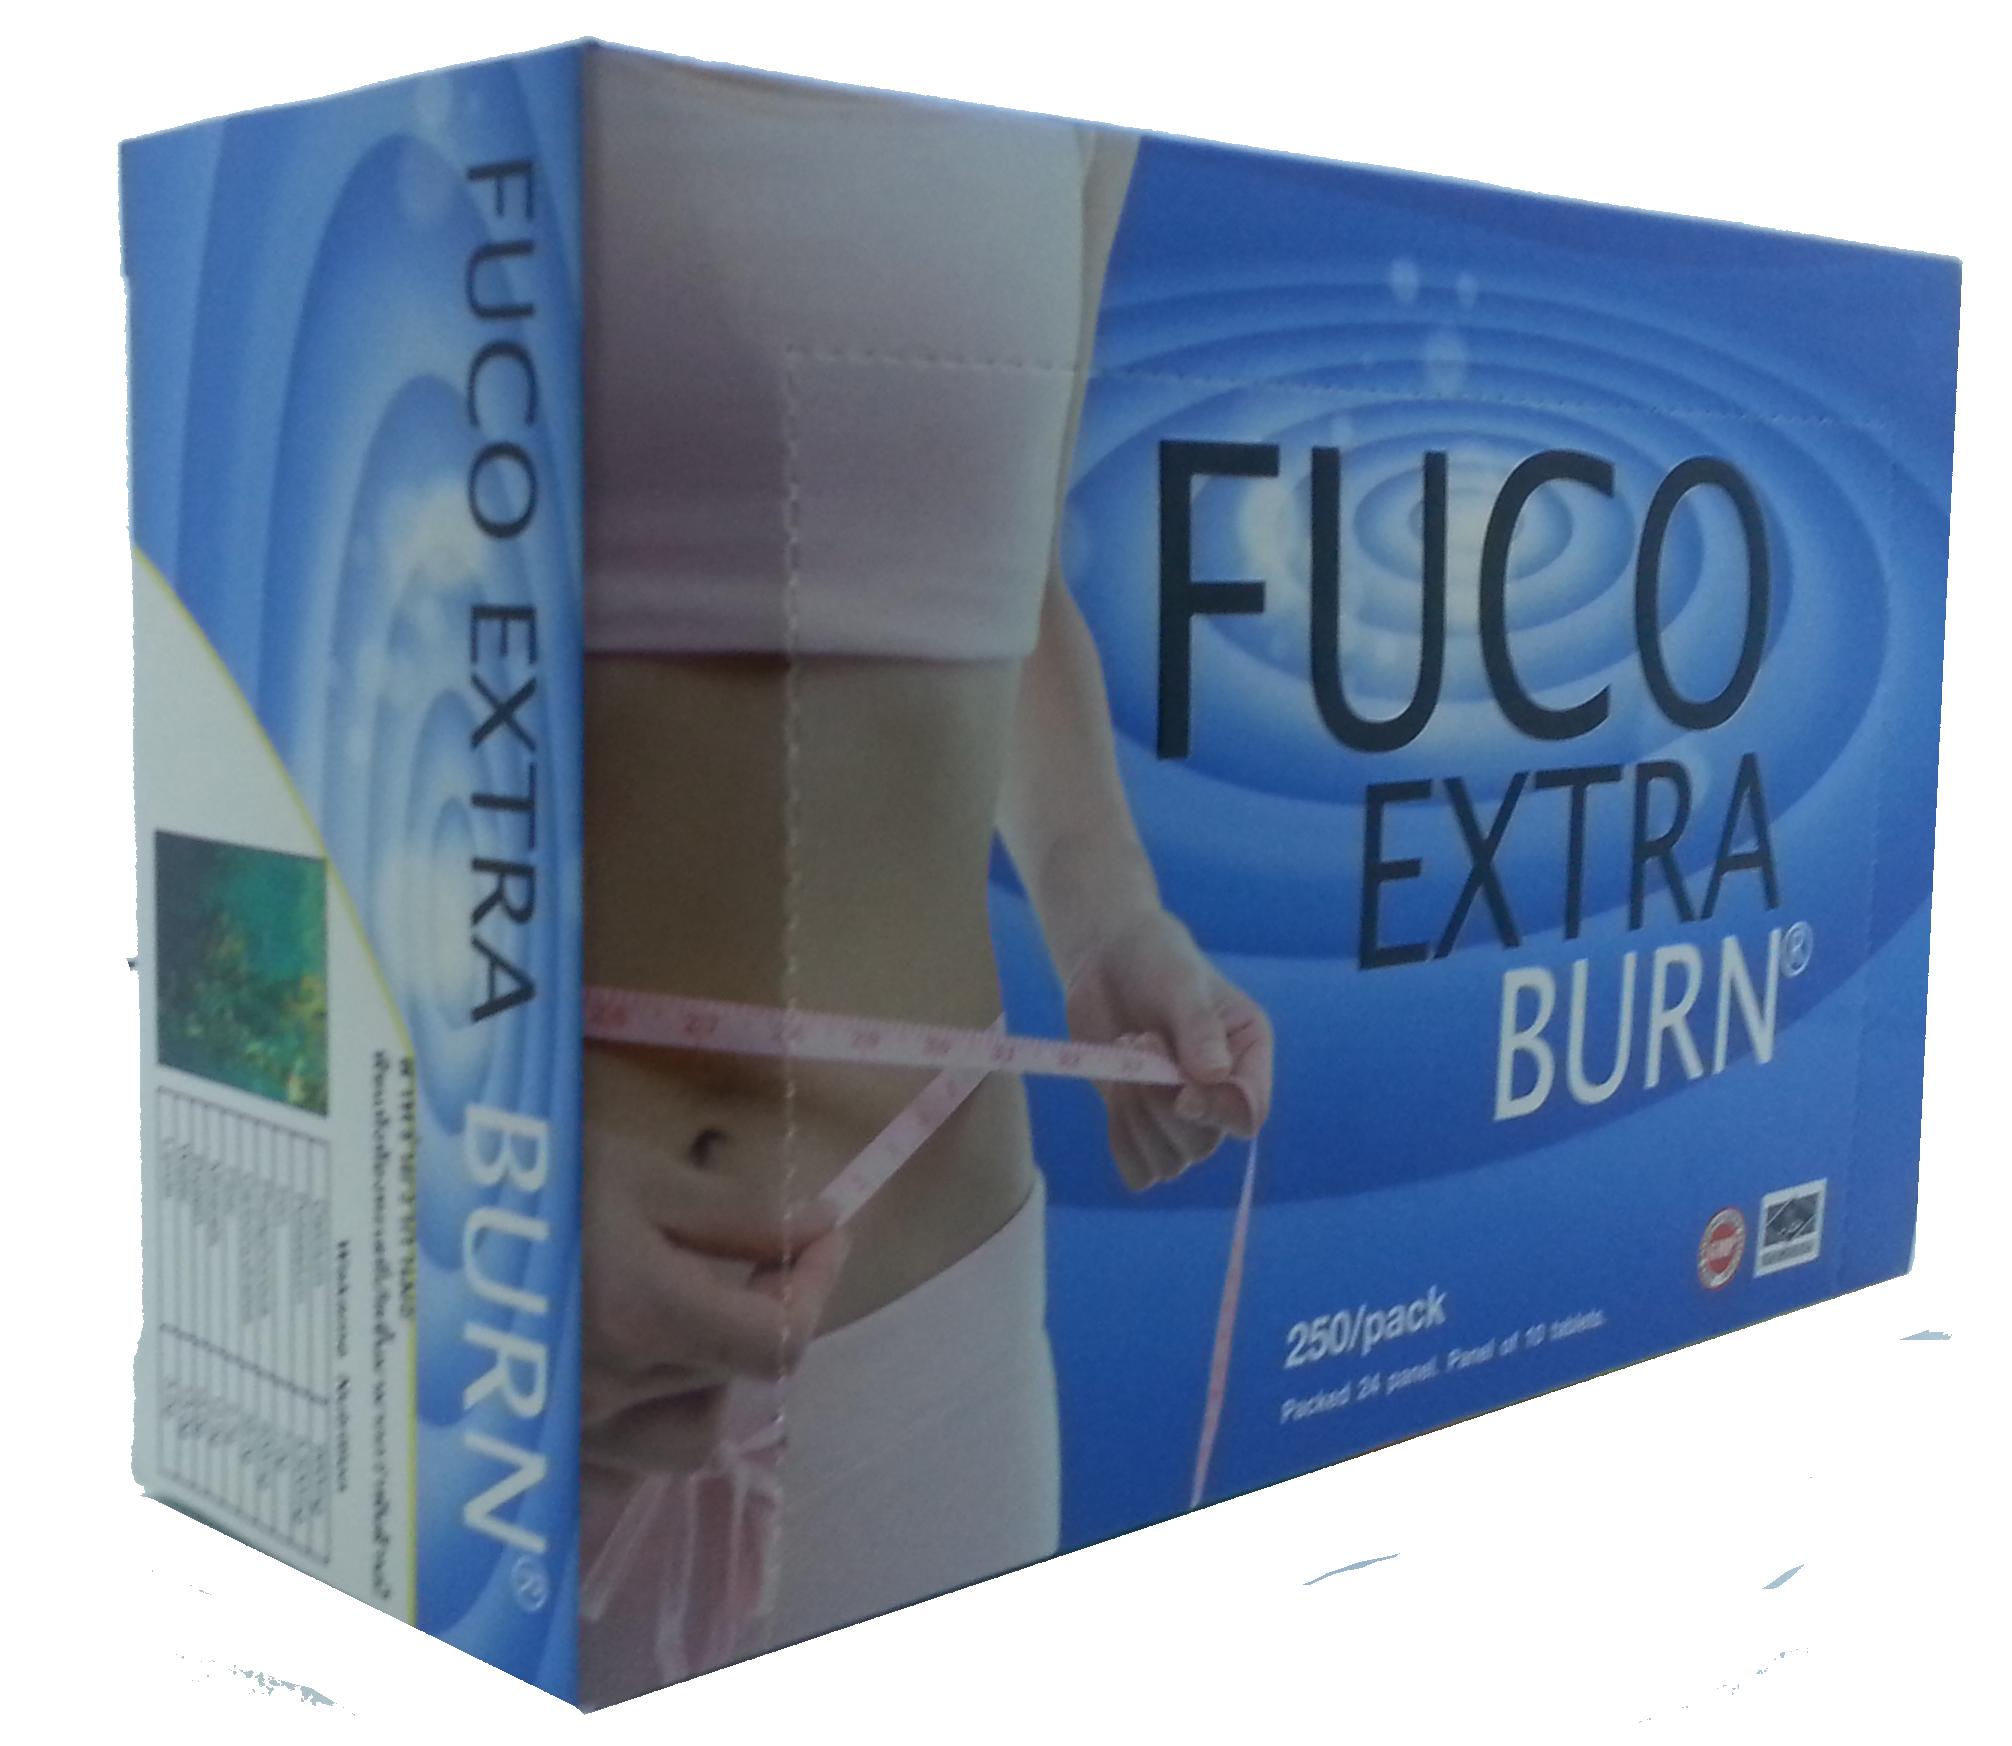 ฟูโก้เอ็กซ์ตร้าเบิร์น, fuco extra burn, fucoextraburn, ฟูโก้เอ็กซ์ตร้าเบิร์น ราคา, fuco extra burn ราคา, fucoextraburn ราคา, ฟูโก้เอ็กซ์ตร้าเบิร์น ราคาส่ง, fuco extra burn ราคาส่ง, fucoextraburn ราคาส่ง, ฟูโก้เอ็กซ์ตร้าเบิร์น ของแท้, fuco extra burn ของแท้, fucoextraburn ของแท้, ฟูโก้เอ็กซ์ตร้าเบิร์น ของปลอม, fuco extra burn ของปลอม, fucoextraburn ของปลอม